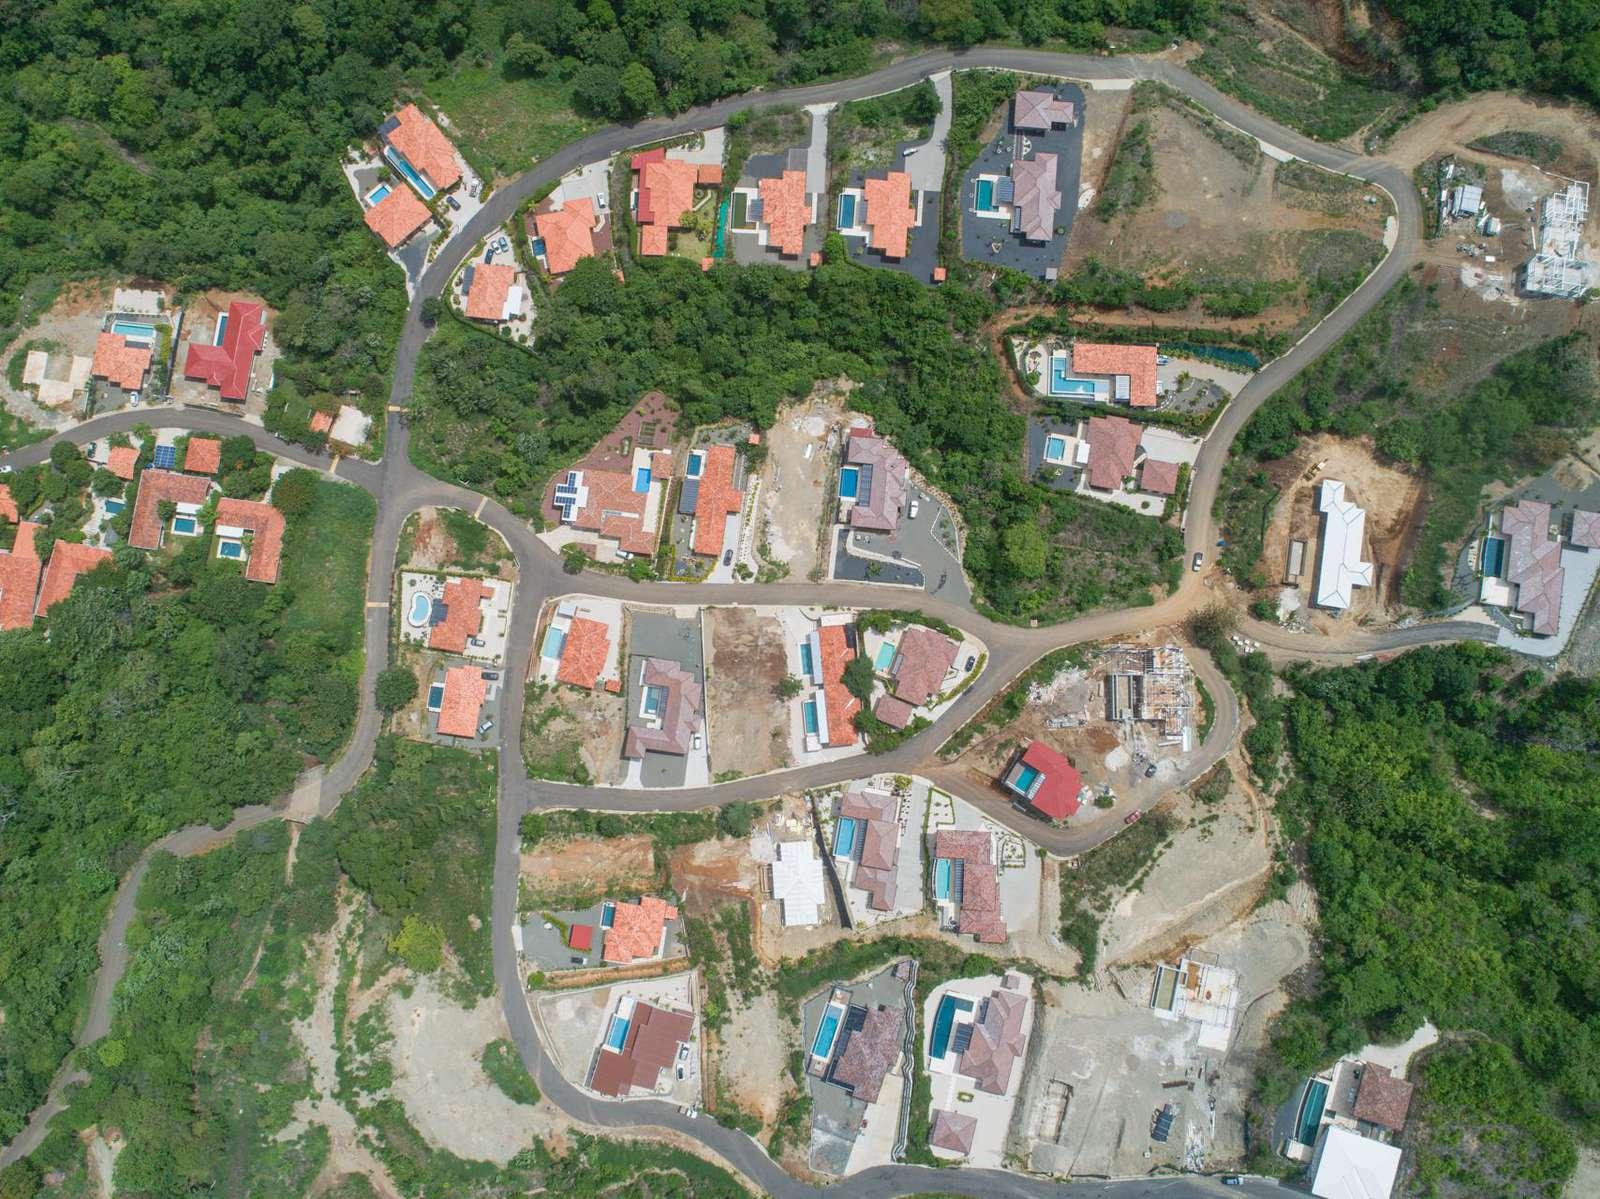 Aerial view of Dos Rios at Mar vista